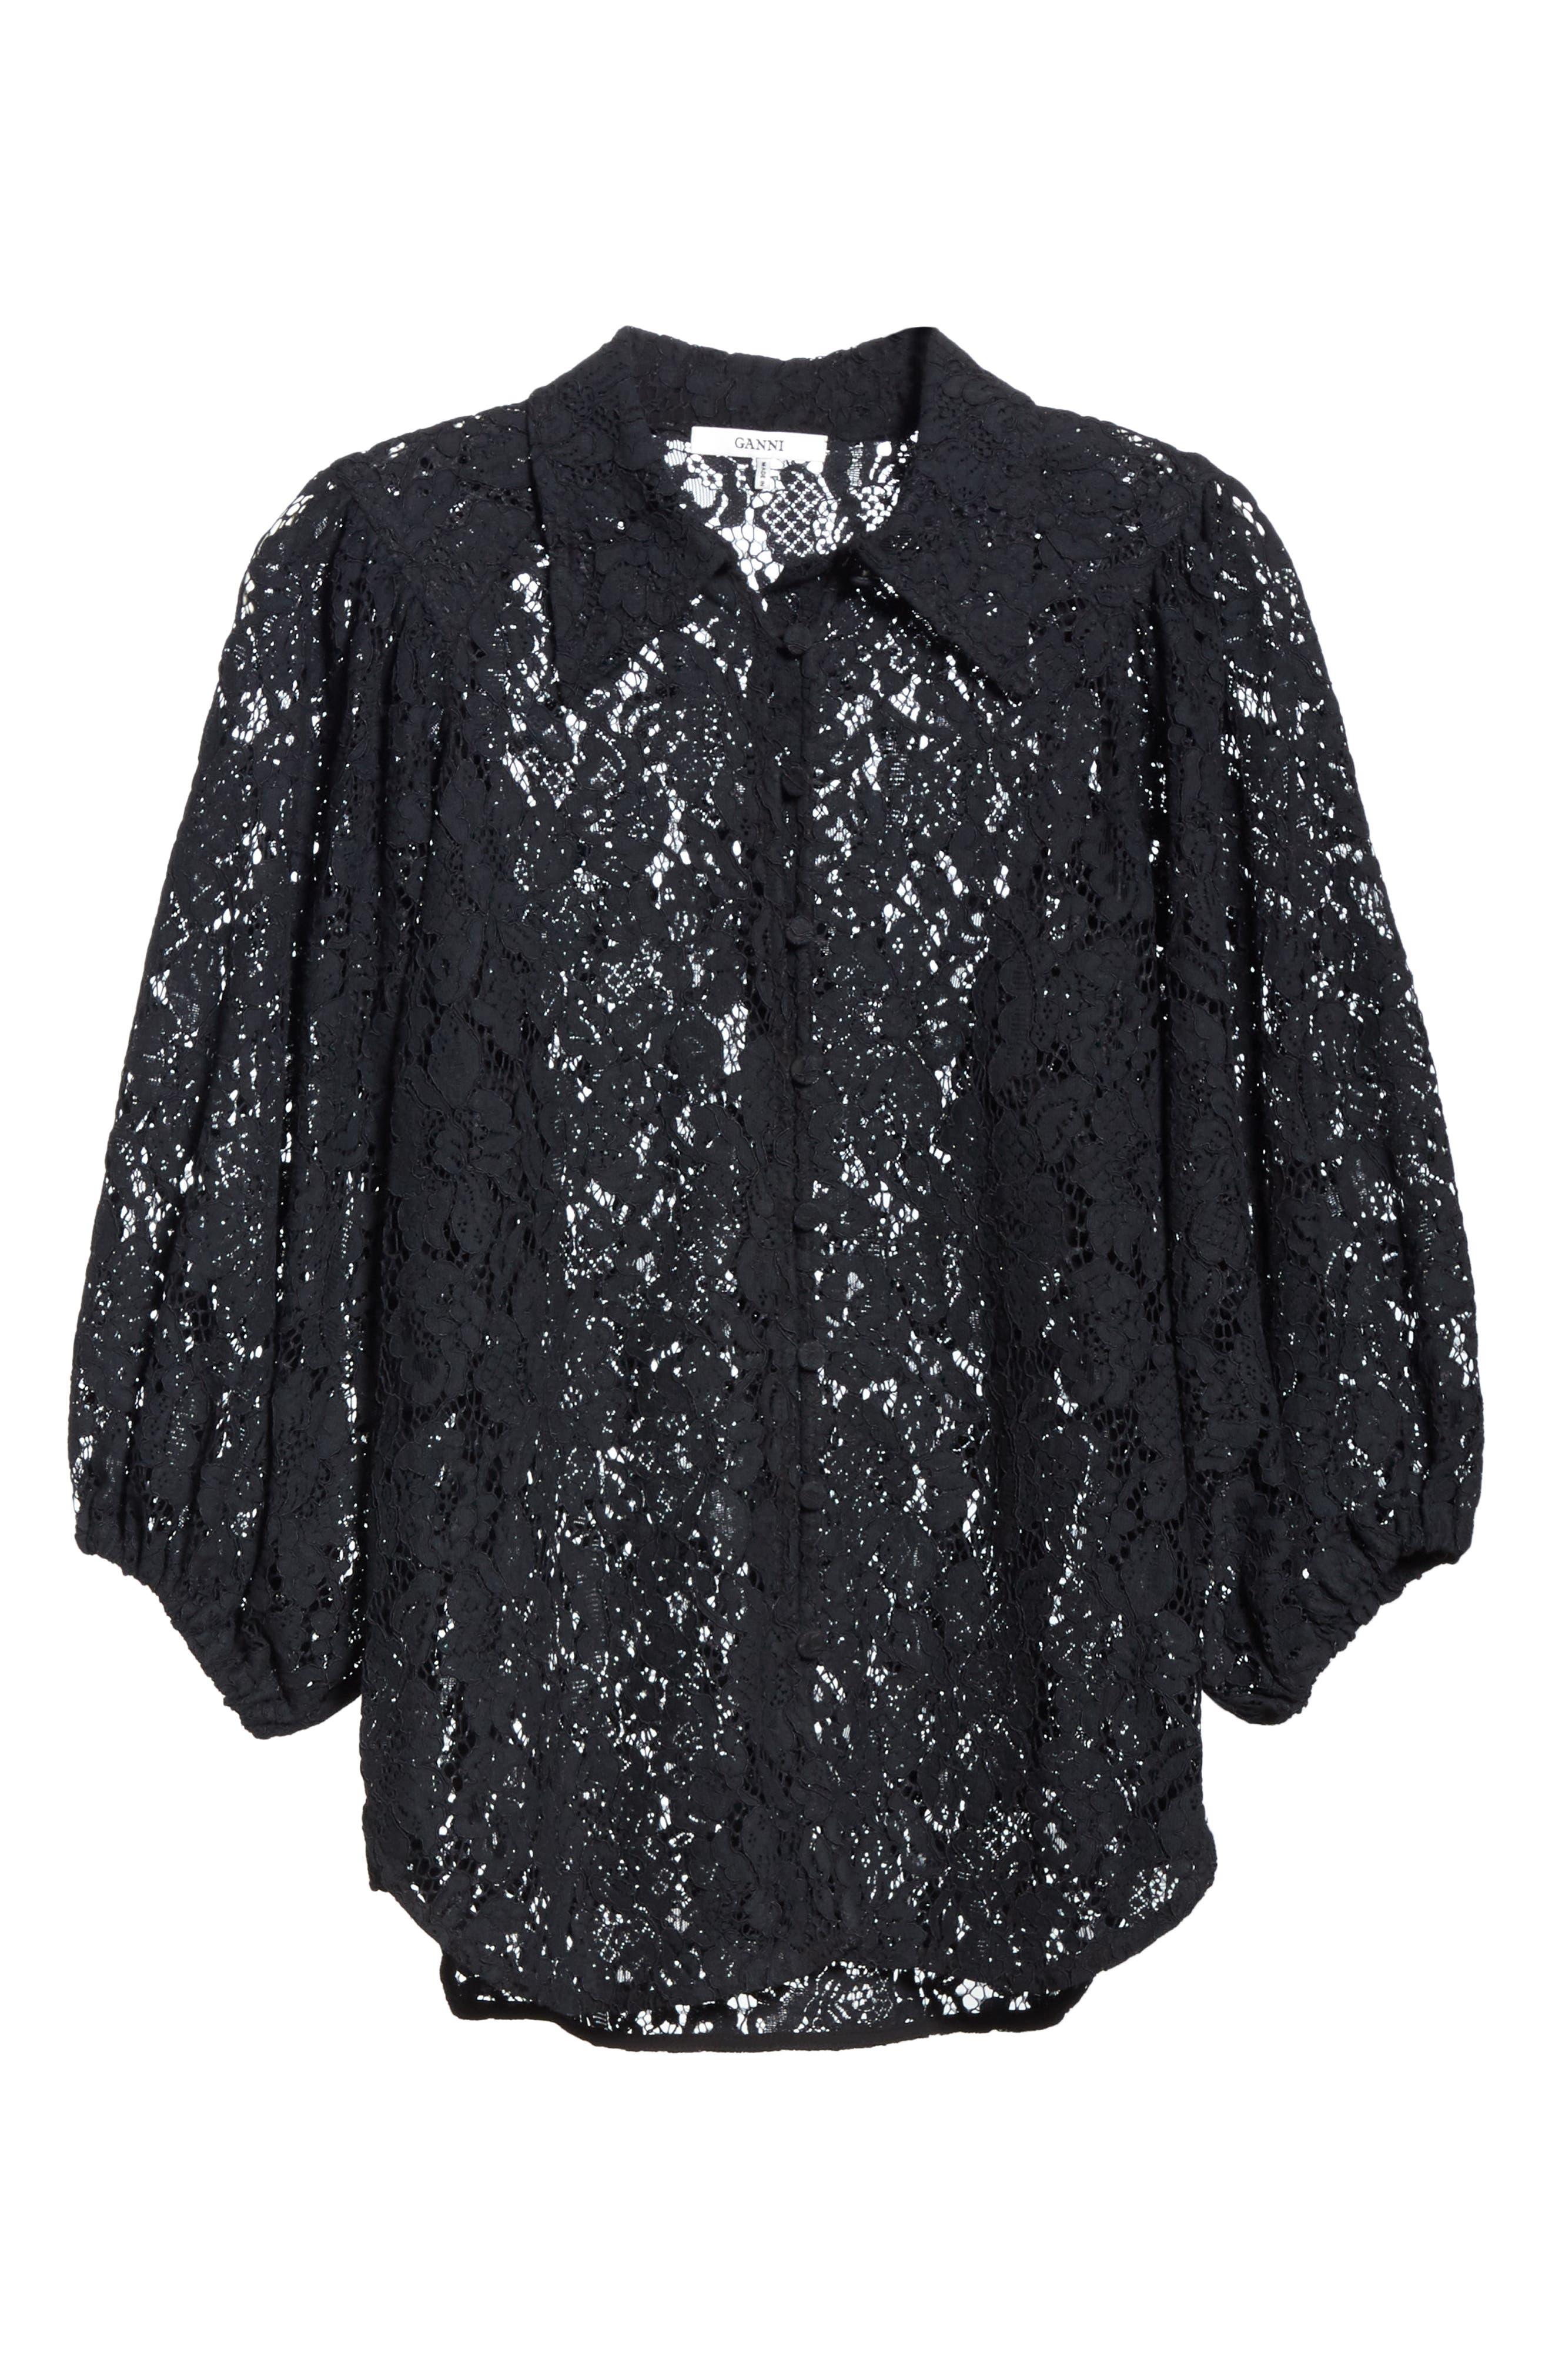 Cotton Blend Lace Top,                             Alternate thumbnail 6, color,                             BLACK 099